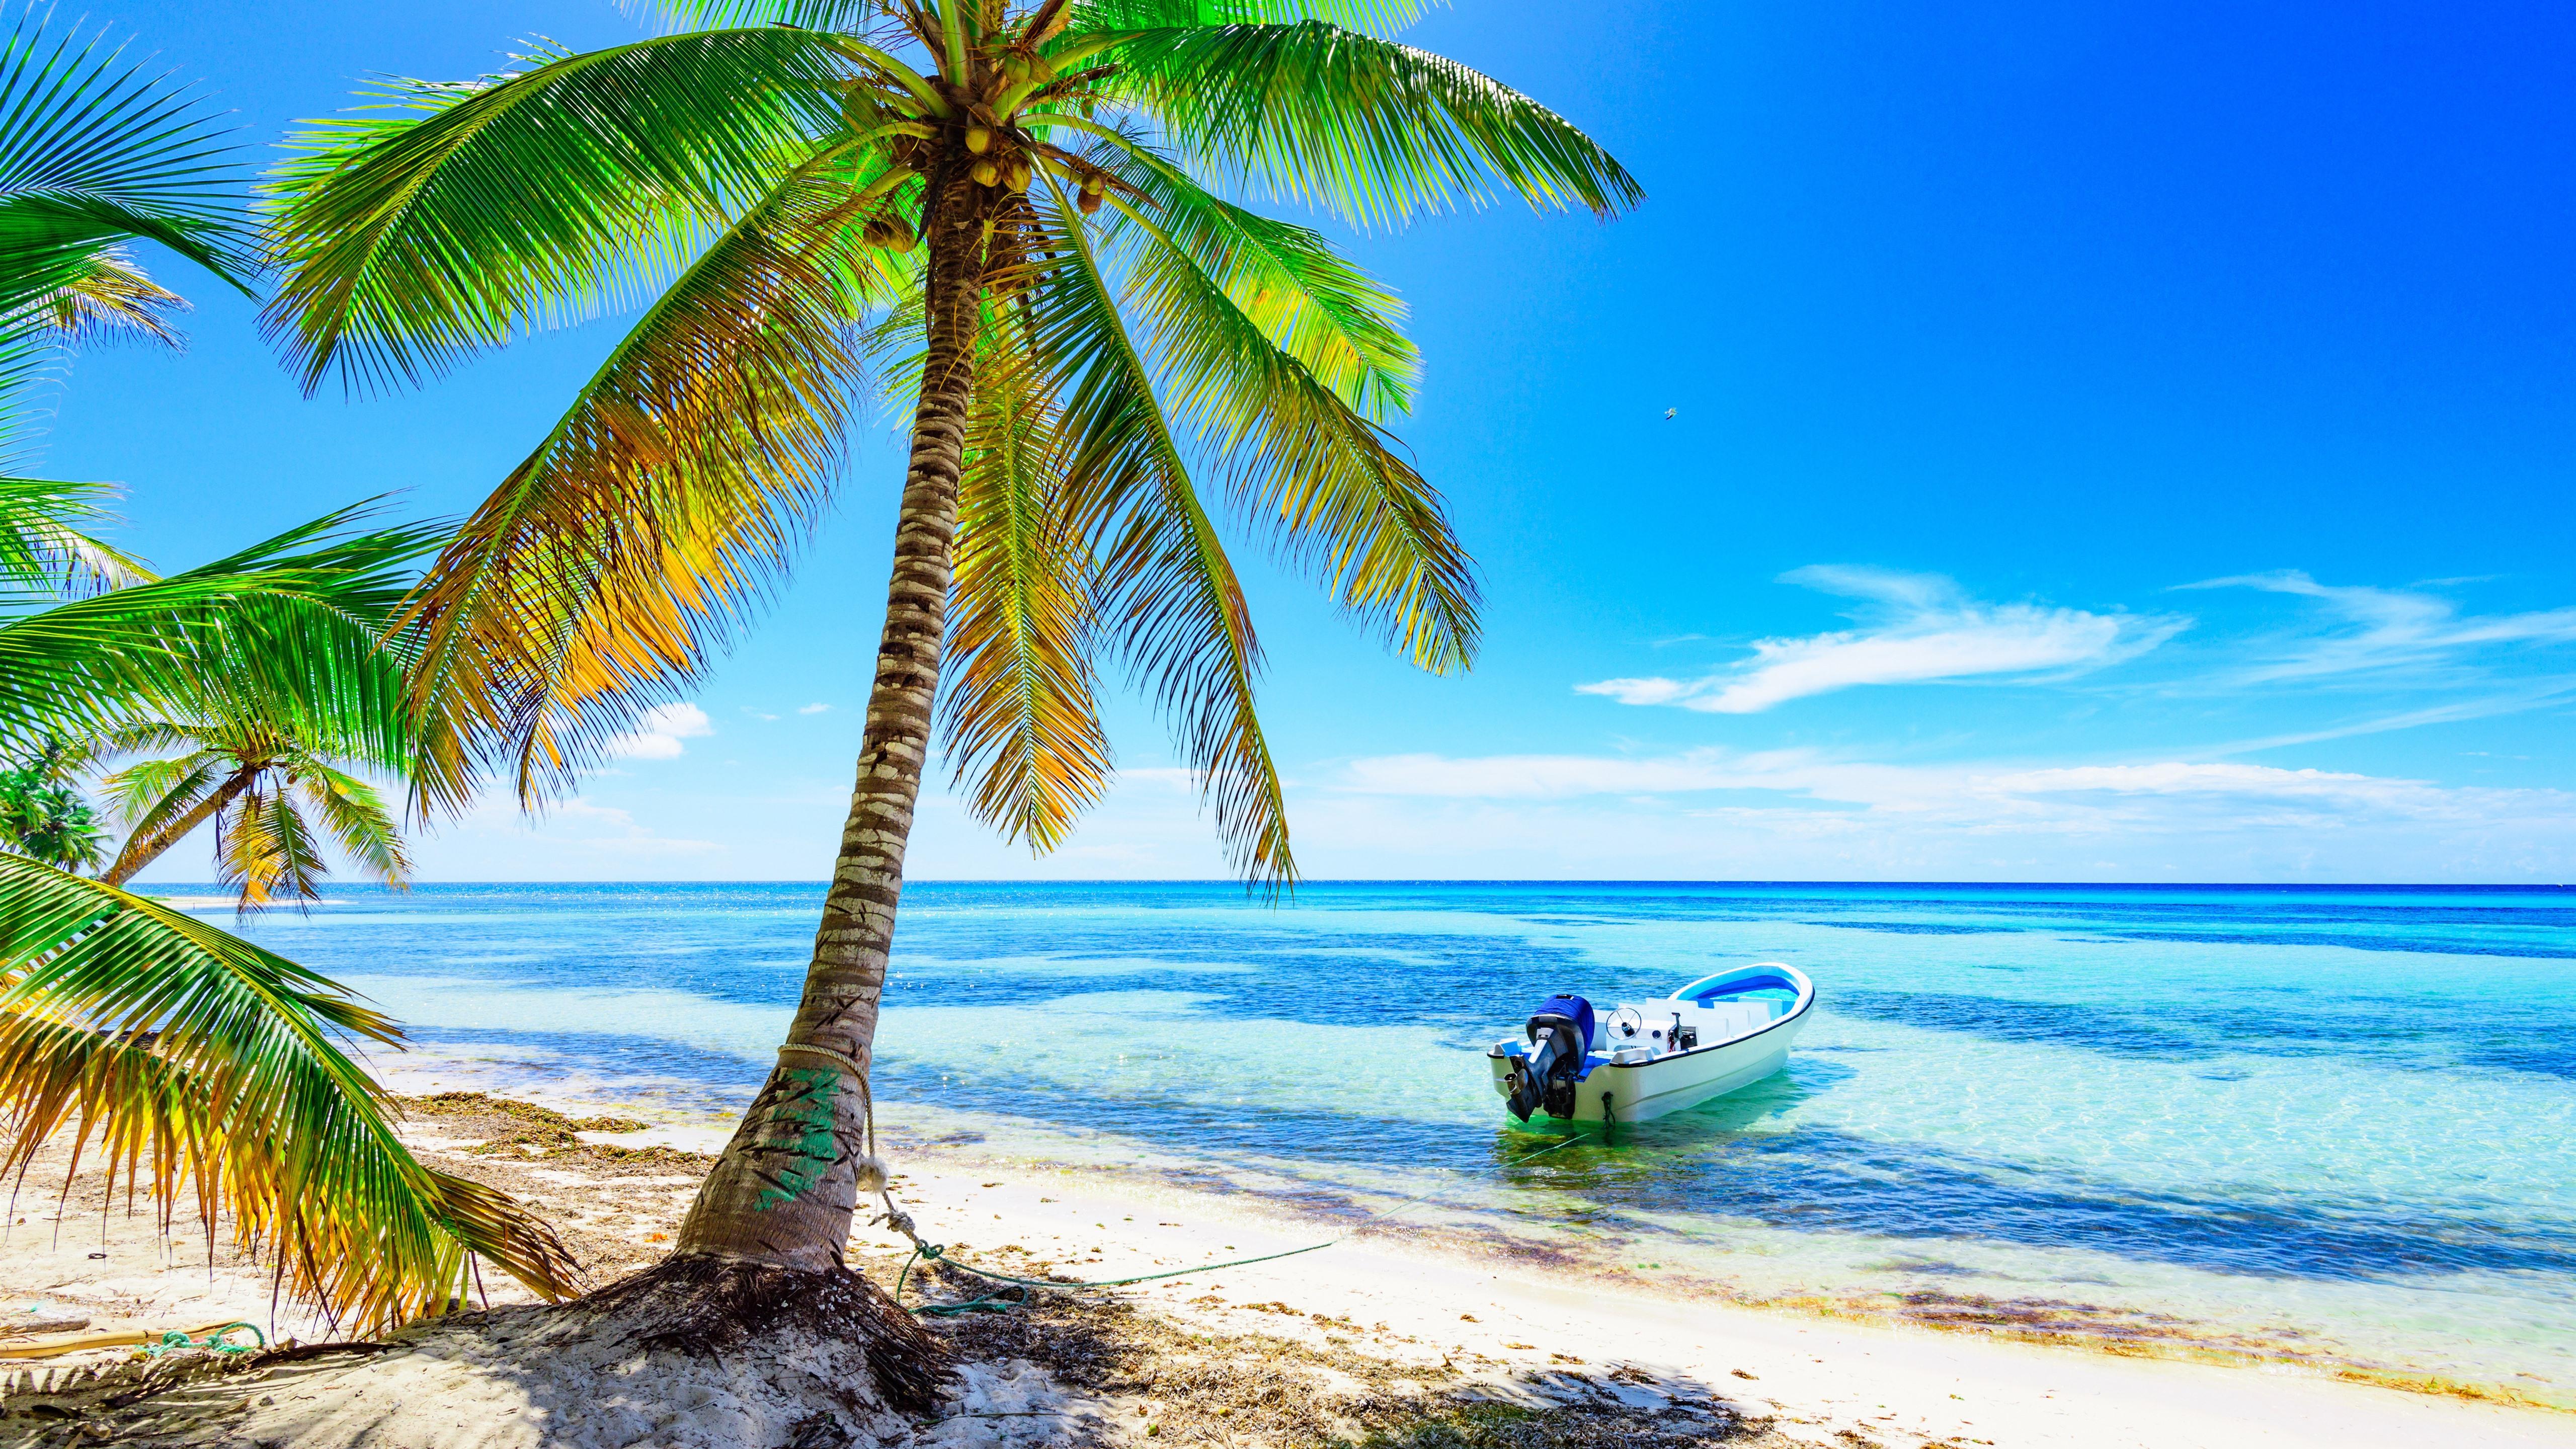 Fondos De Pantalla Palmeras Playa Barco Mar Cielo Azul Tropical